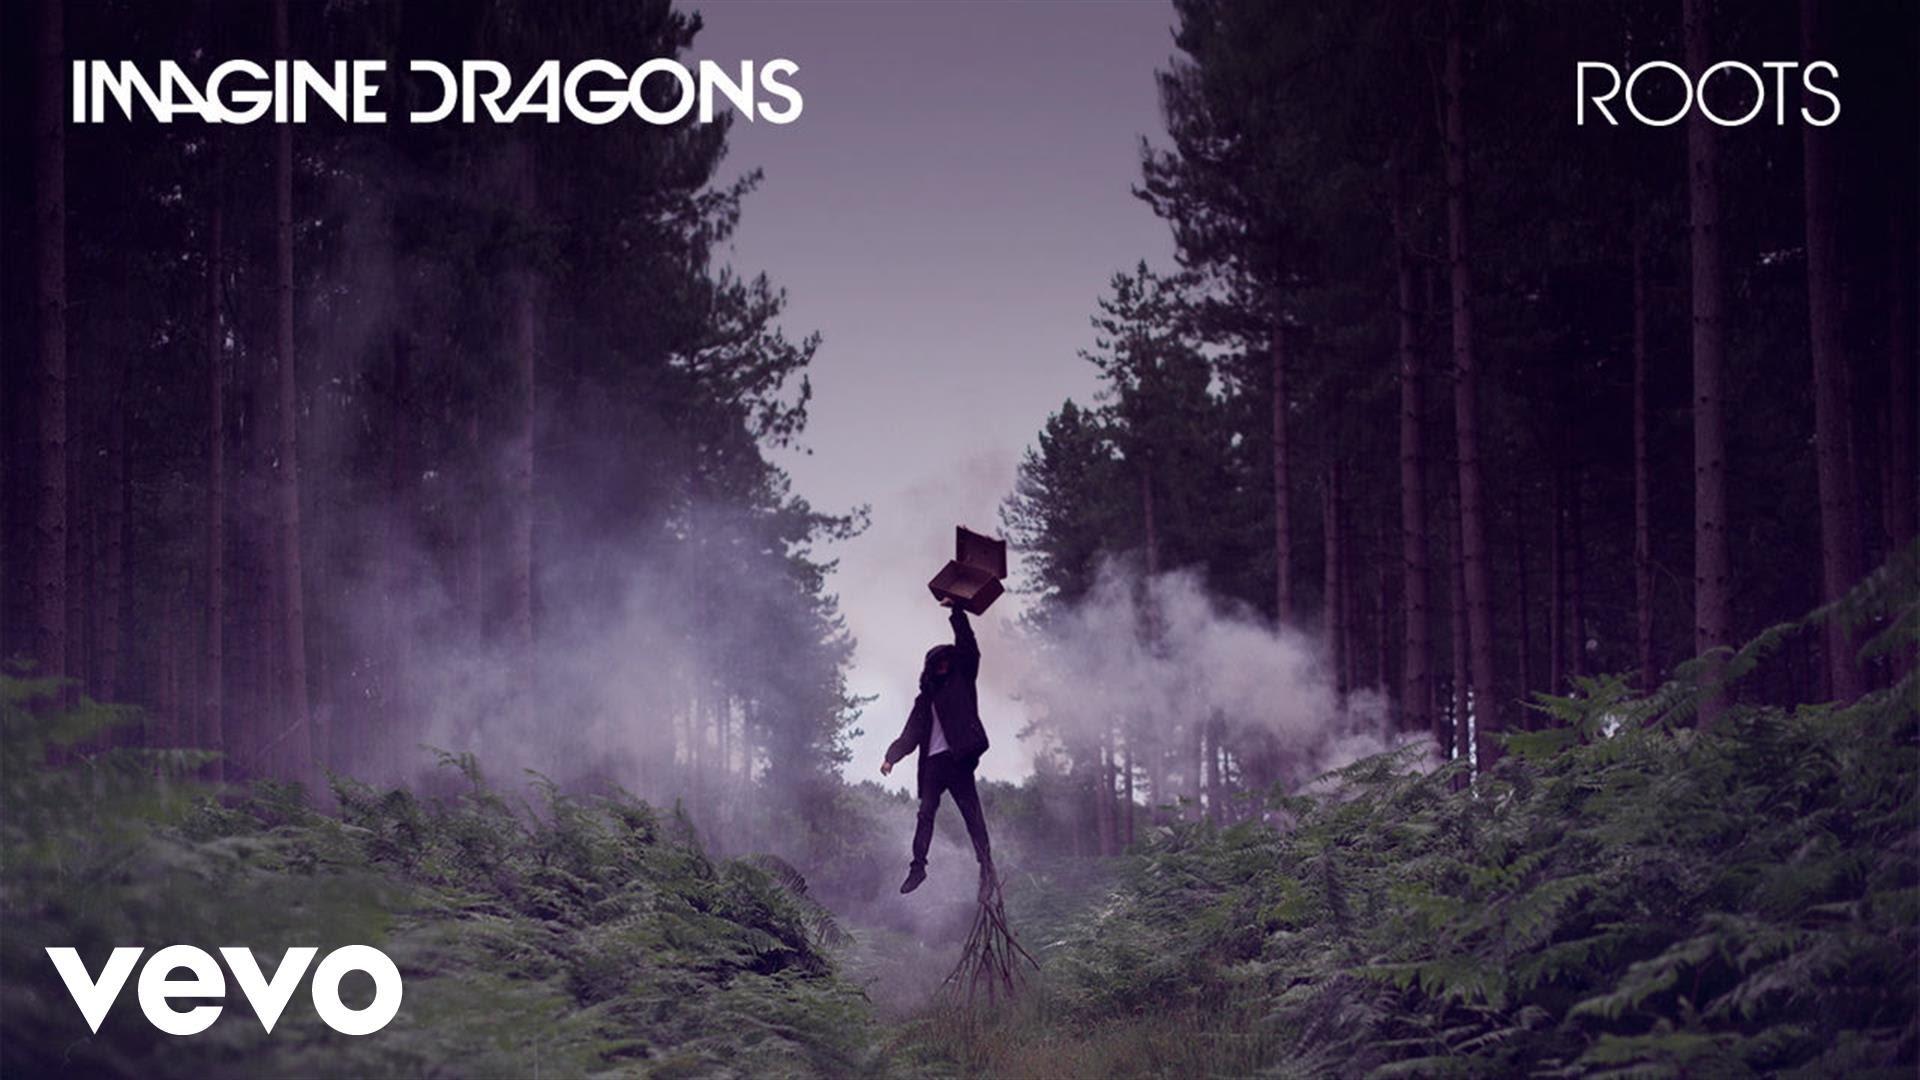 Скачать imagine dragons roots клип бесплатно.